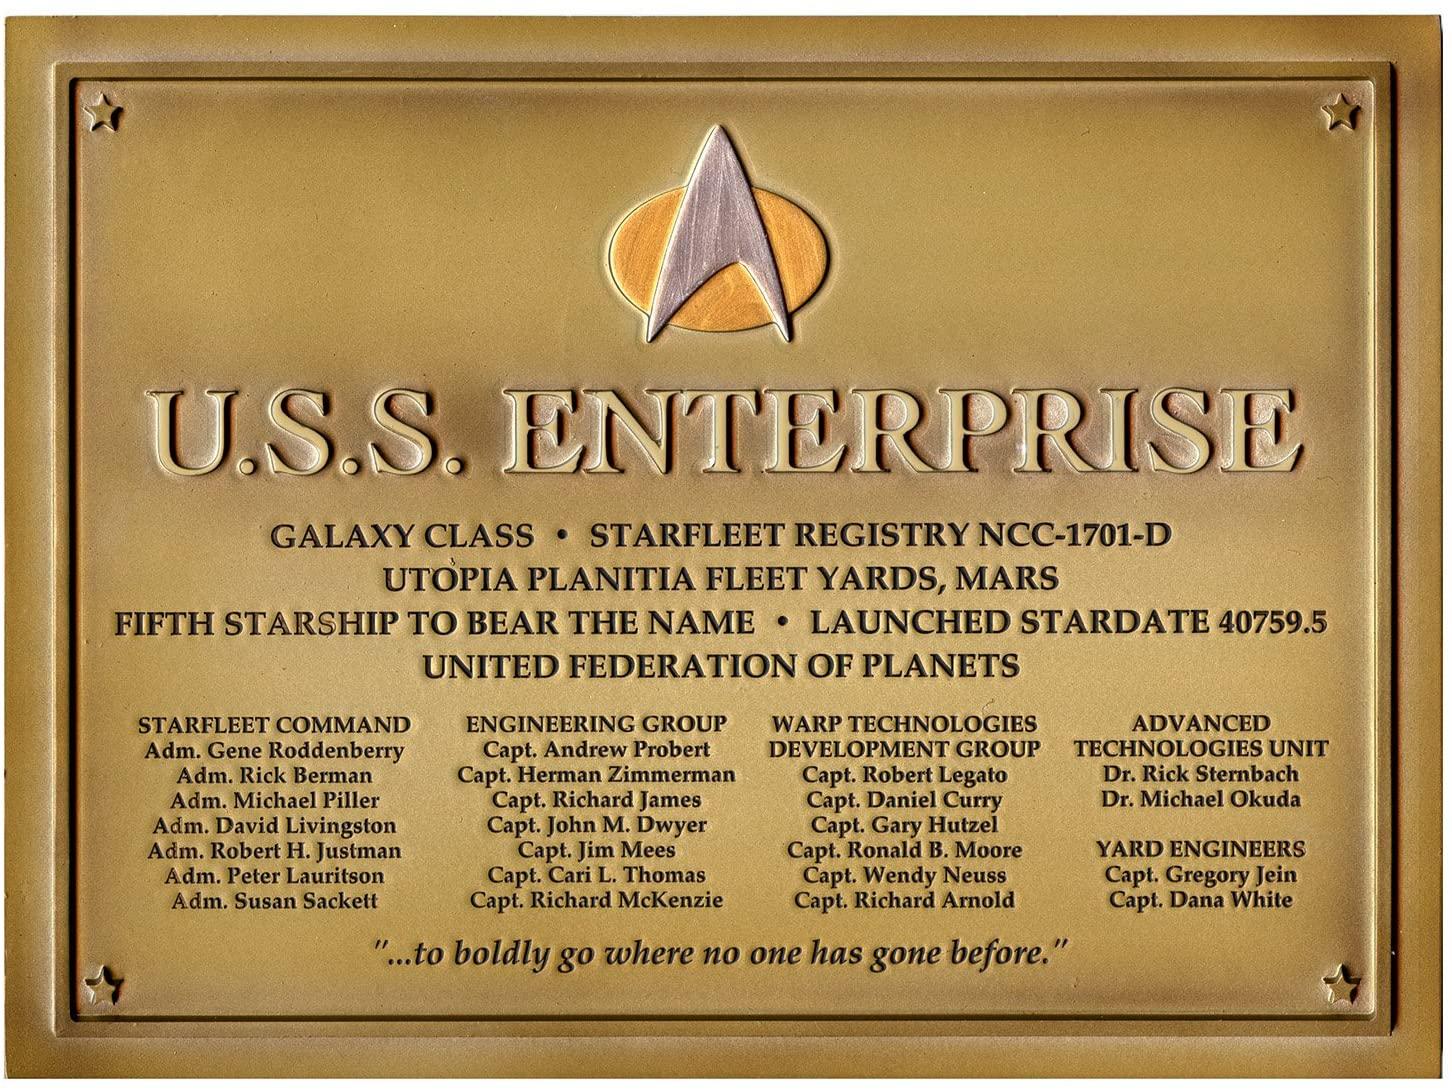 USS Enterprise NCC 1701-D Dedication Plaque by Eaglemoss